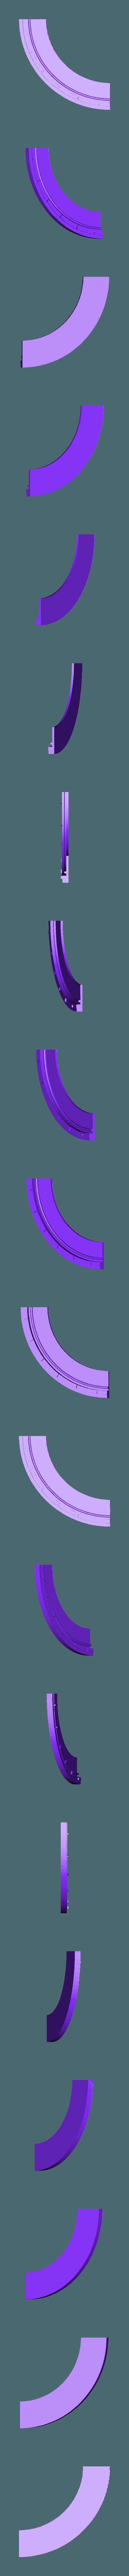 _in_progress_table_CROWN_4.stl Télécharger fichier STL gratuit Dépôt de train à l'échelle 1:87 HO avec table tournante • Plan pour imprimante 3D, nenchev